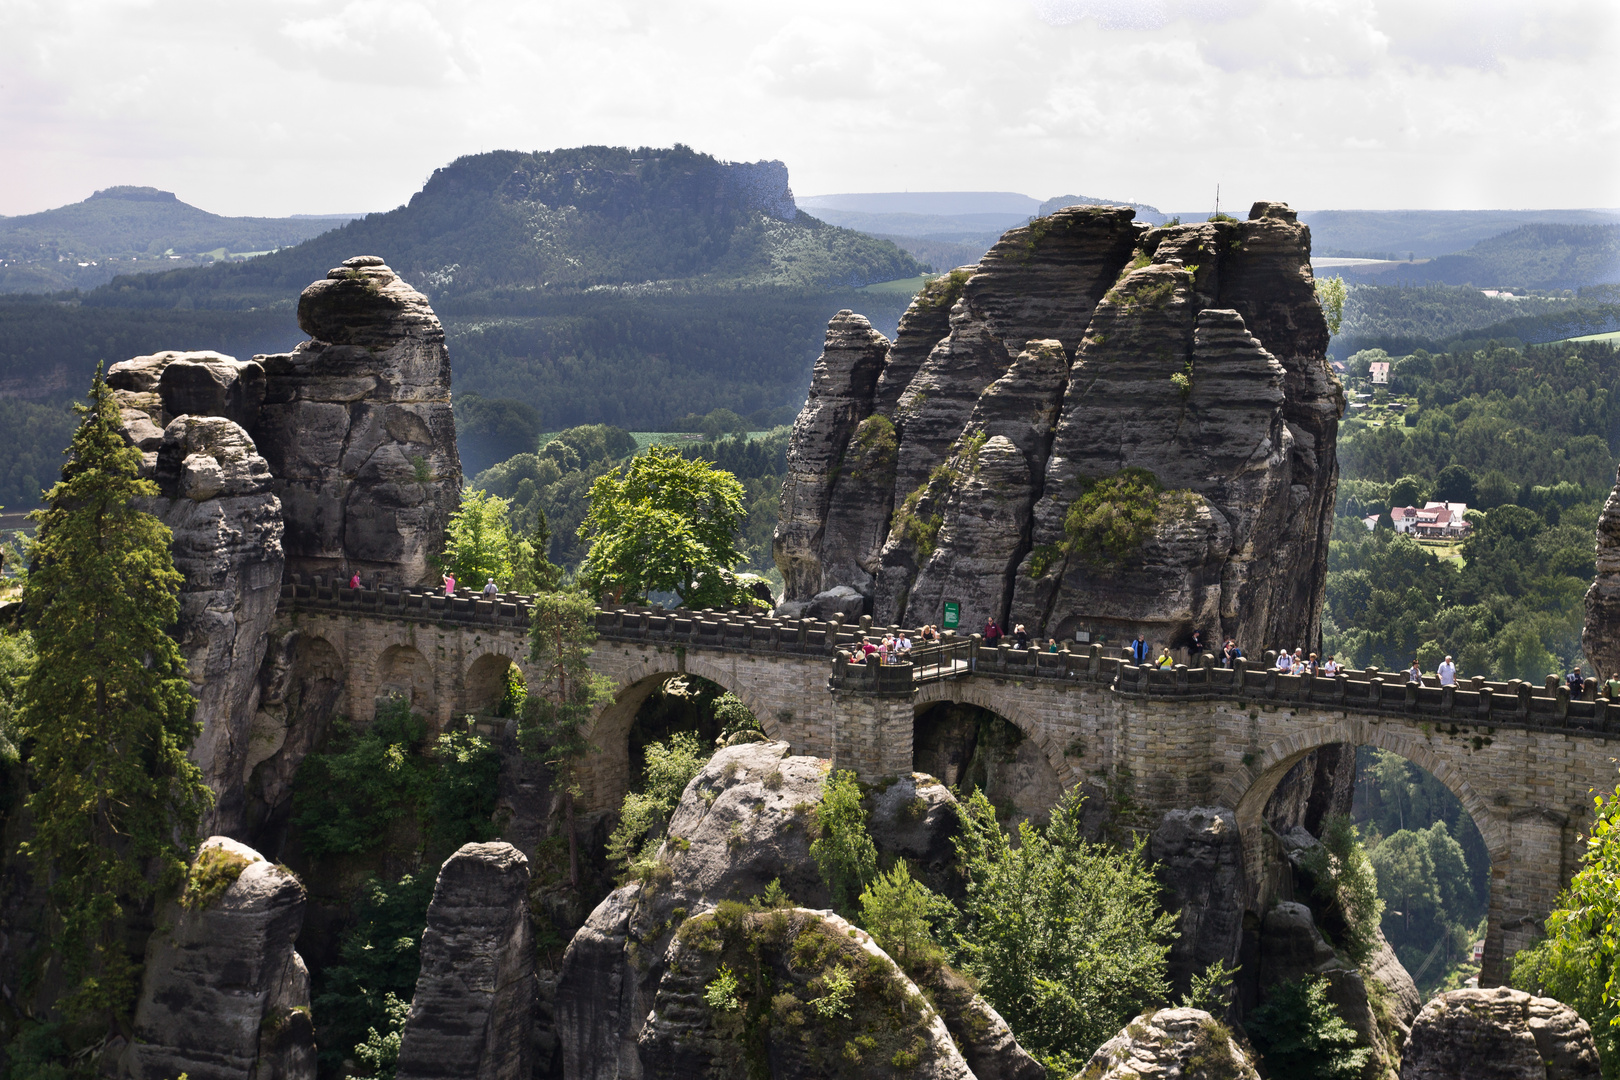 S-Schweiz, Blick auf die Basteibrücke